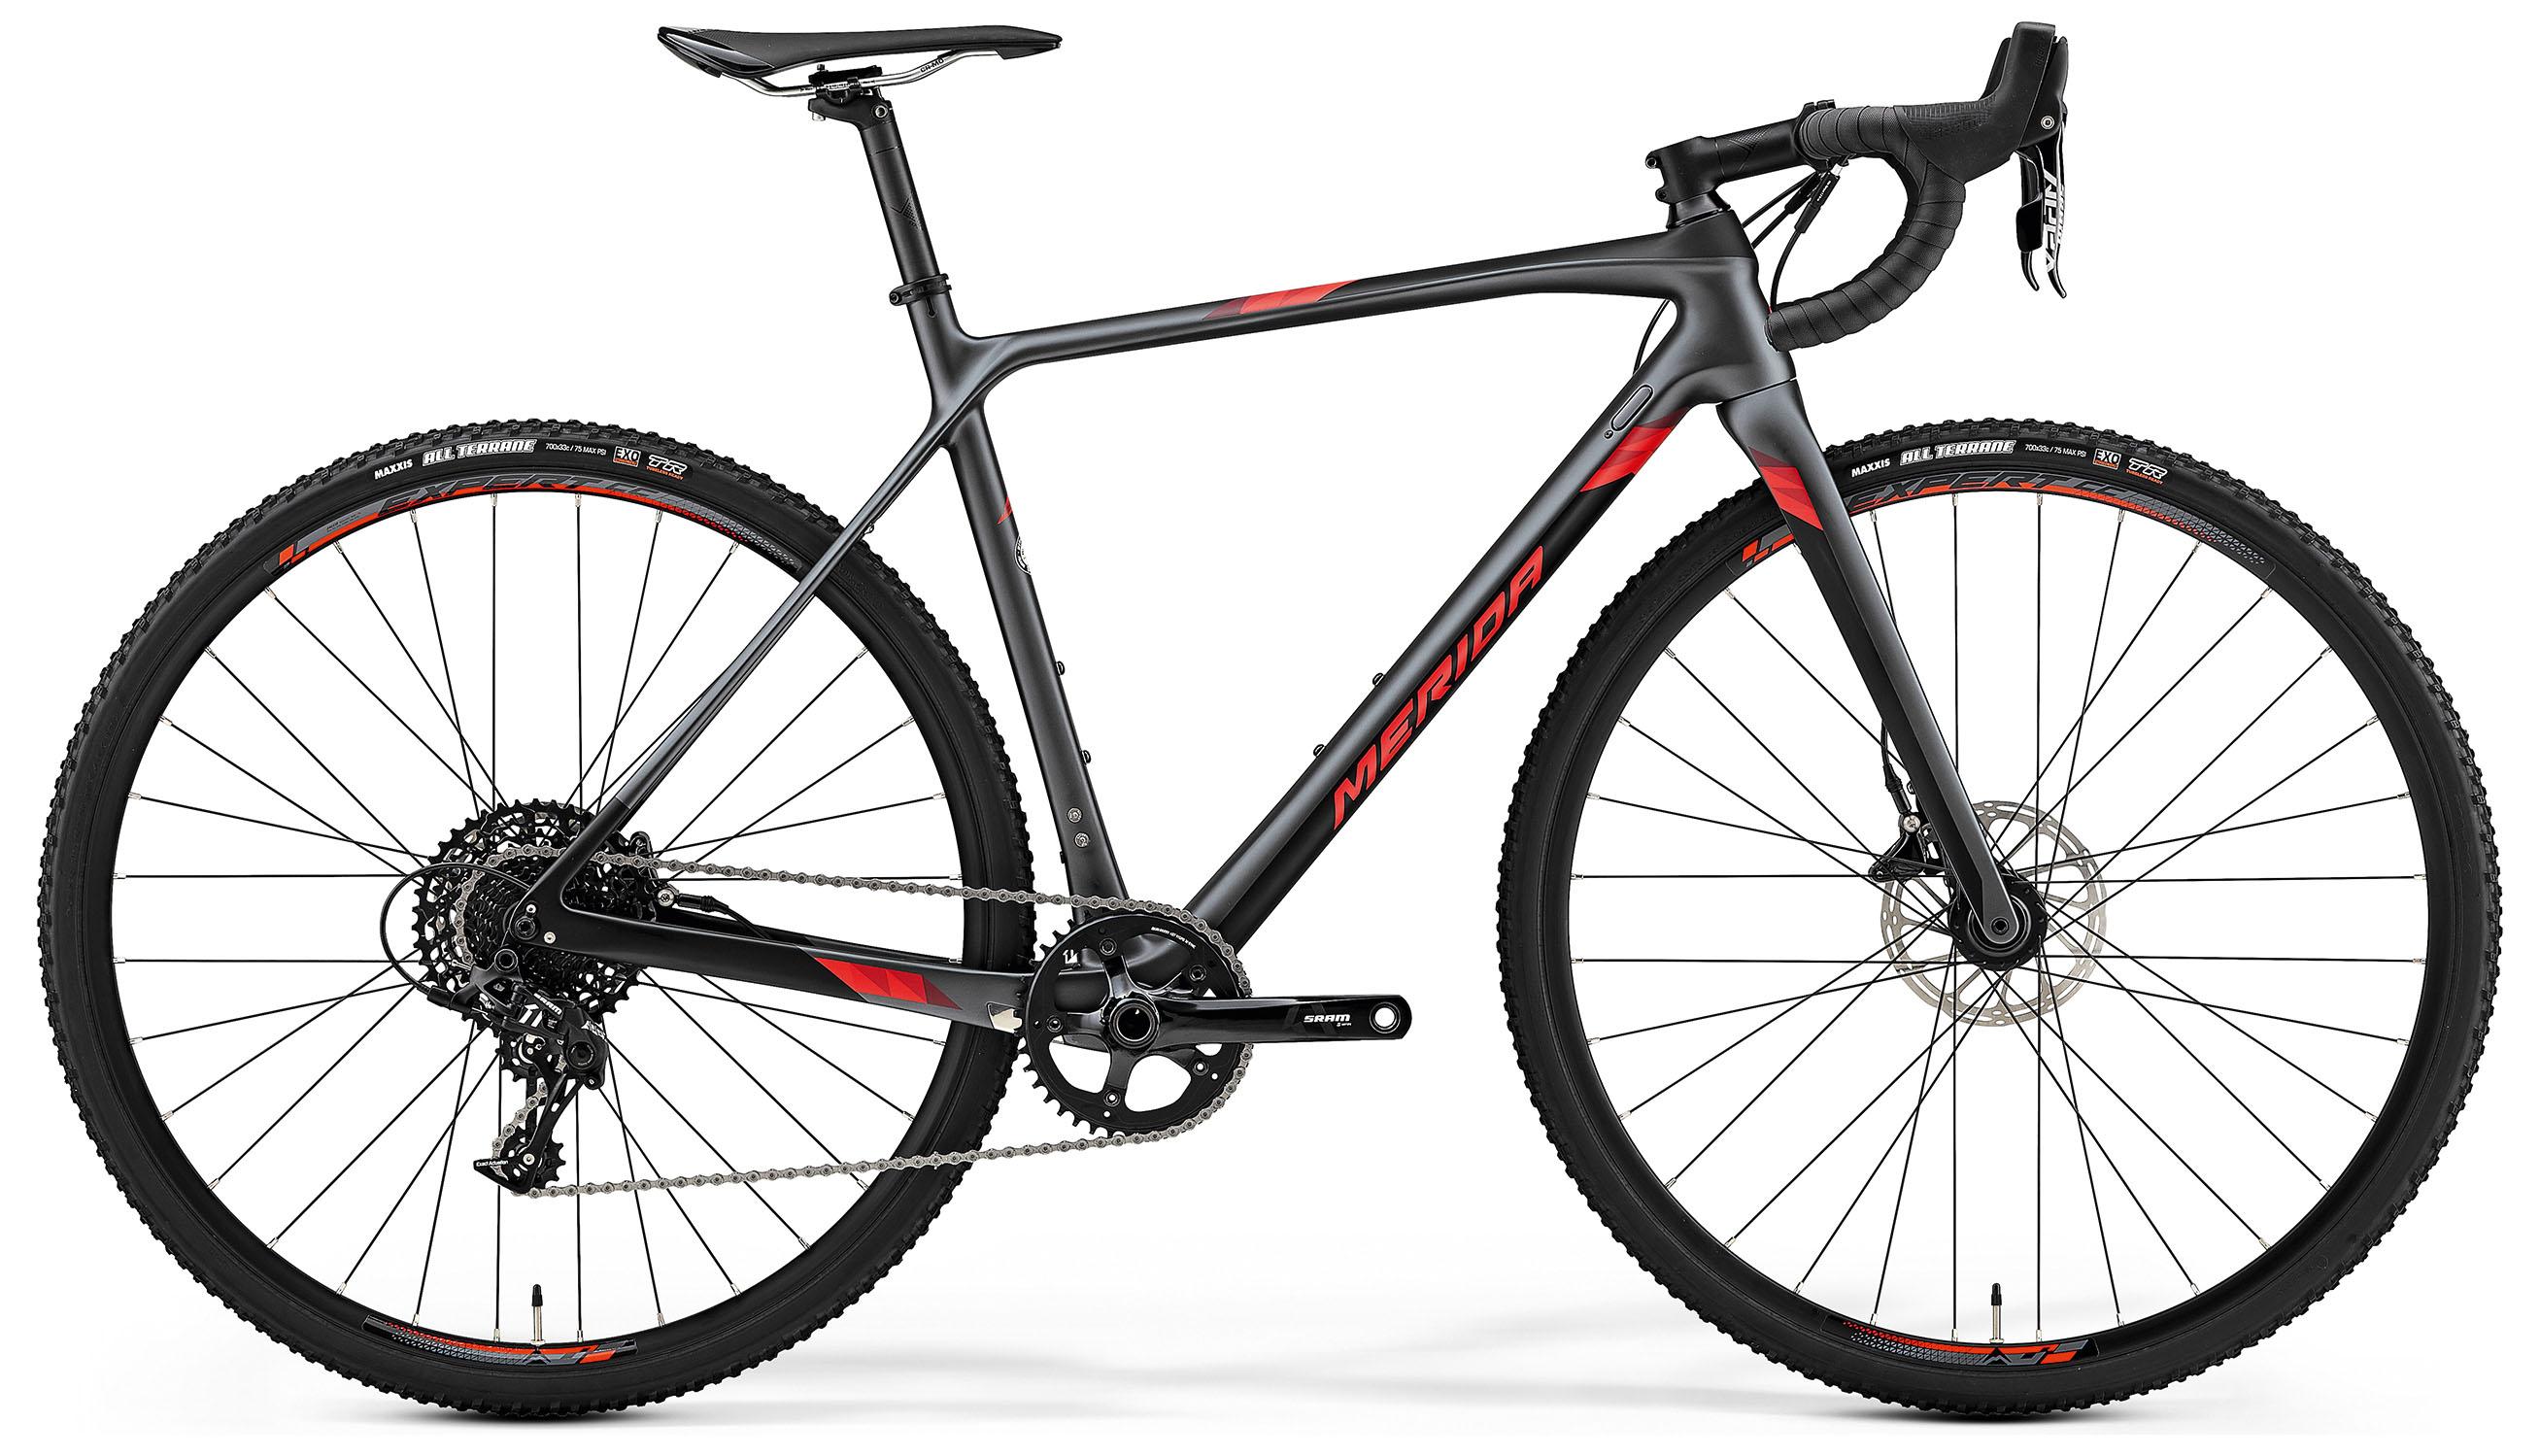 Велосипед Merida Mission CX5000 2019 велосипед merida scultura 4000 tw 2019